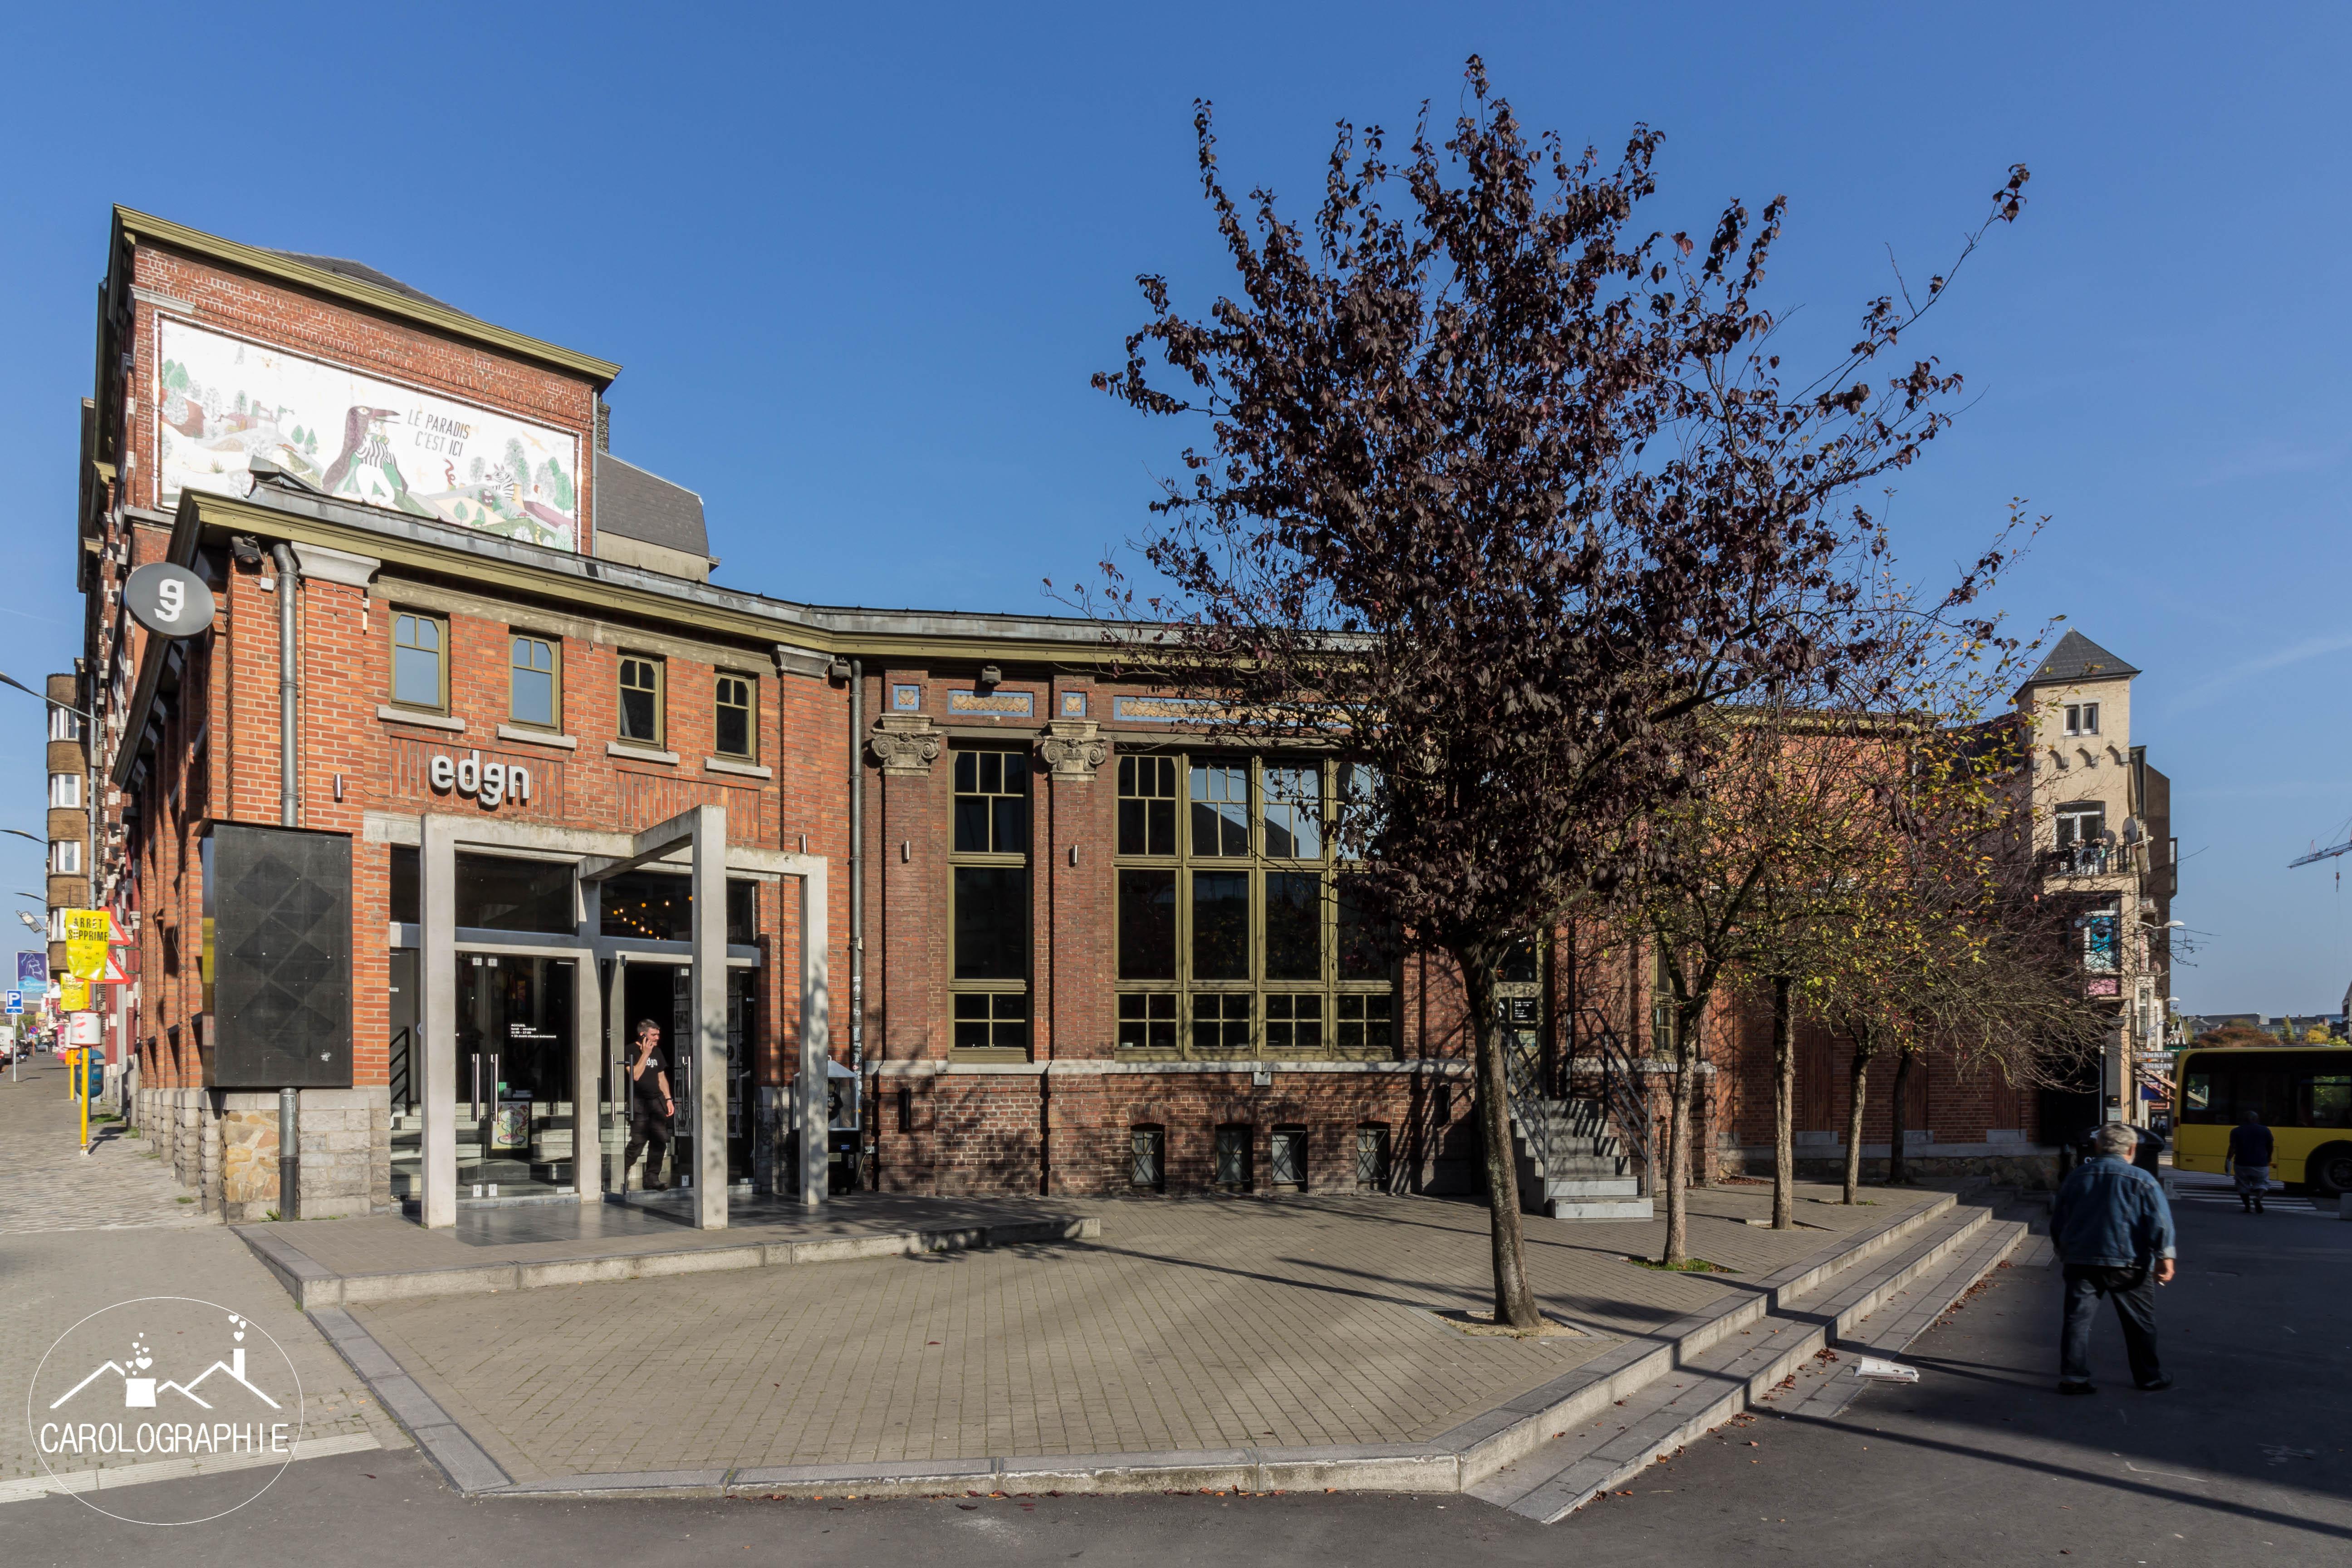 Eden ou le Centre culturel régional de Charleroi